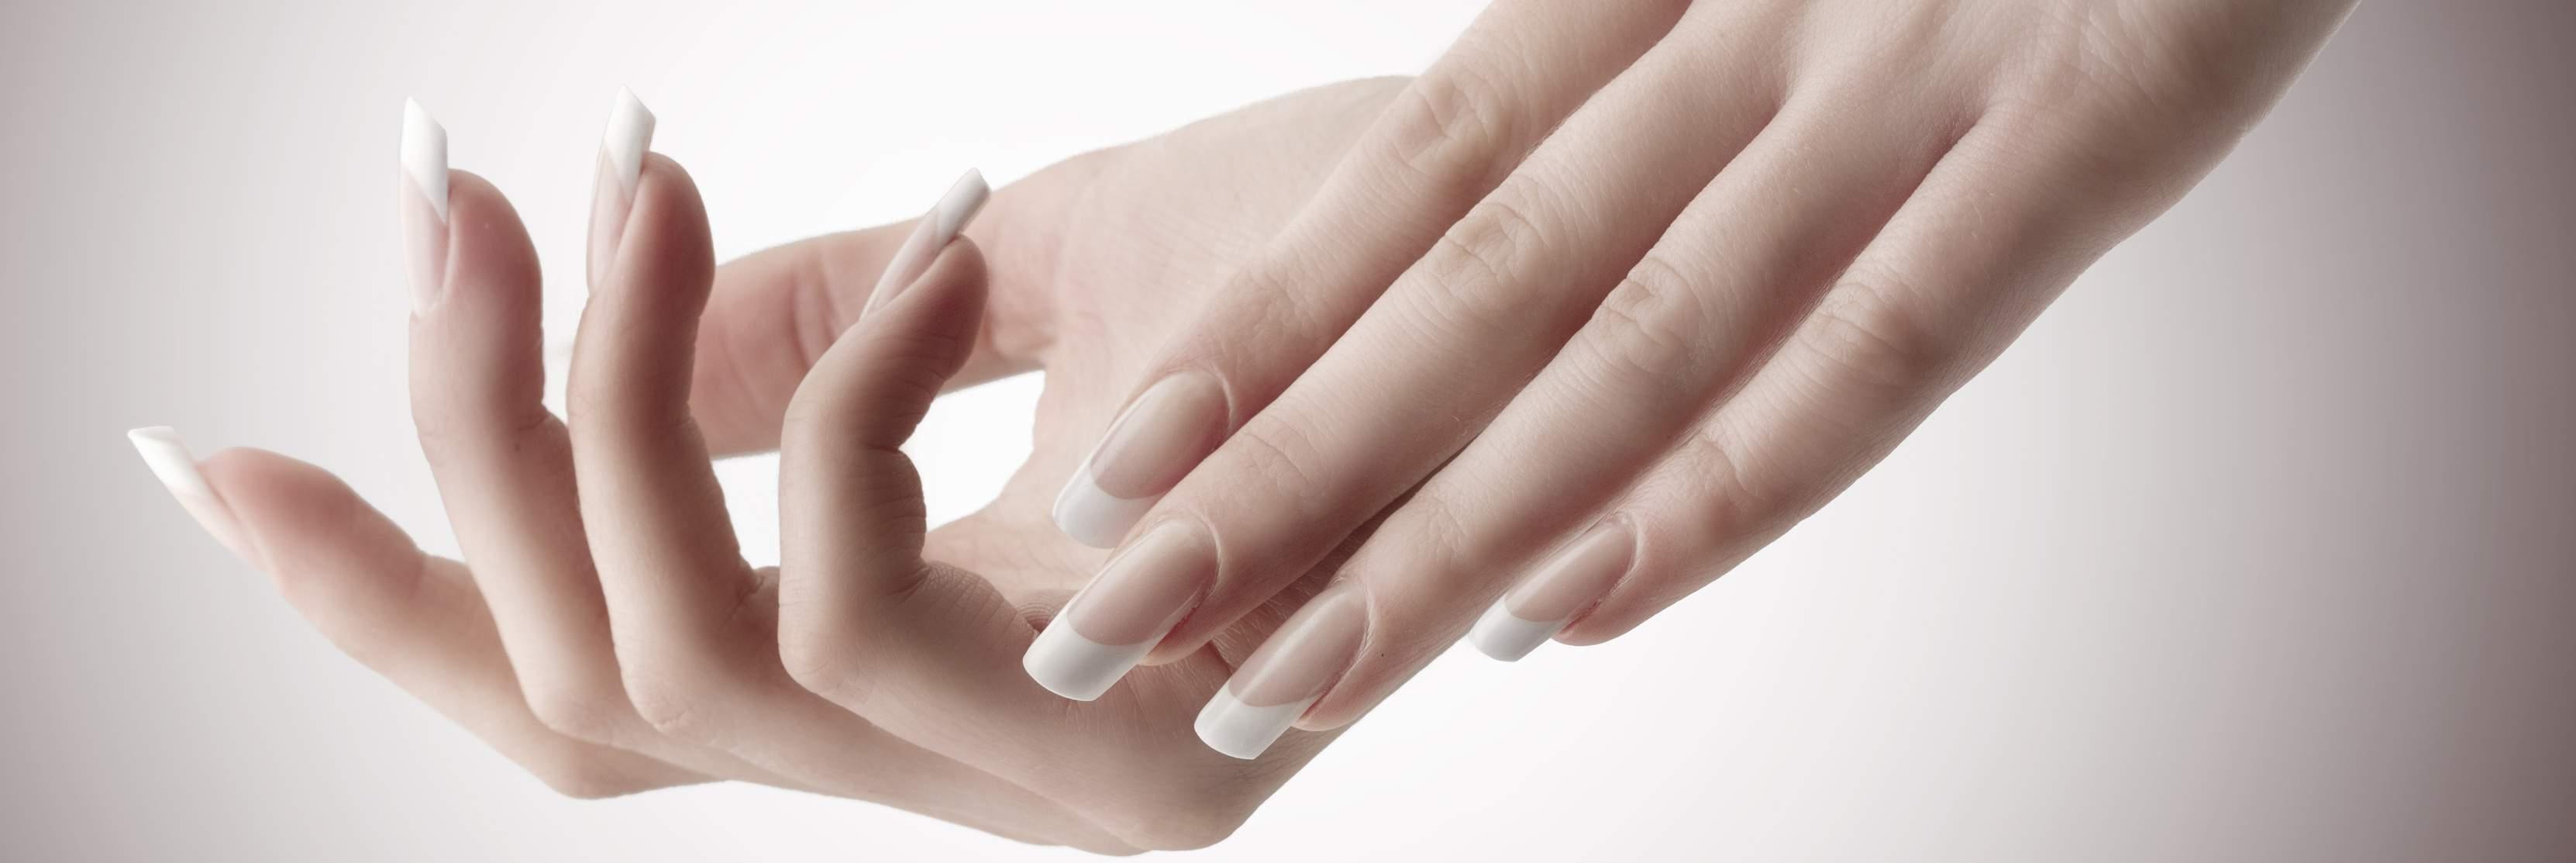 Cbs nails